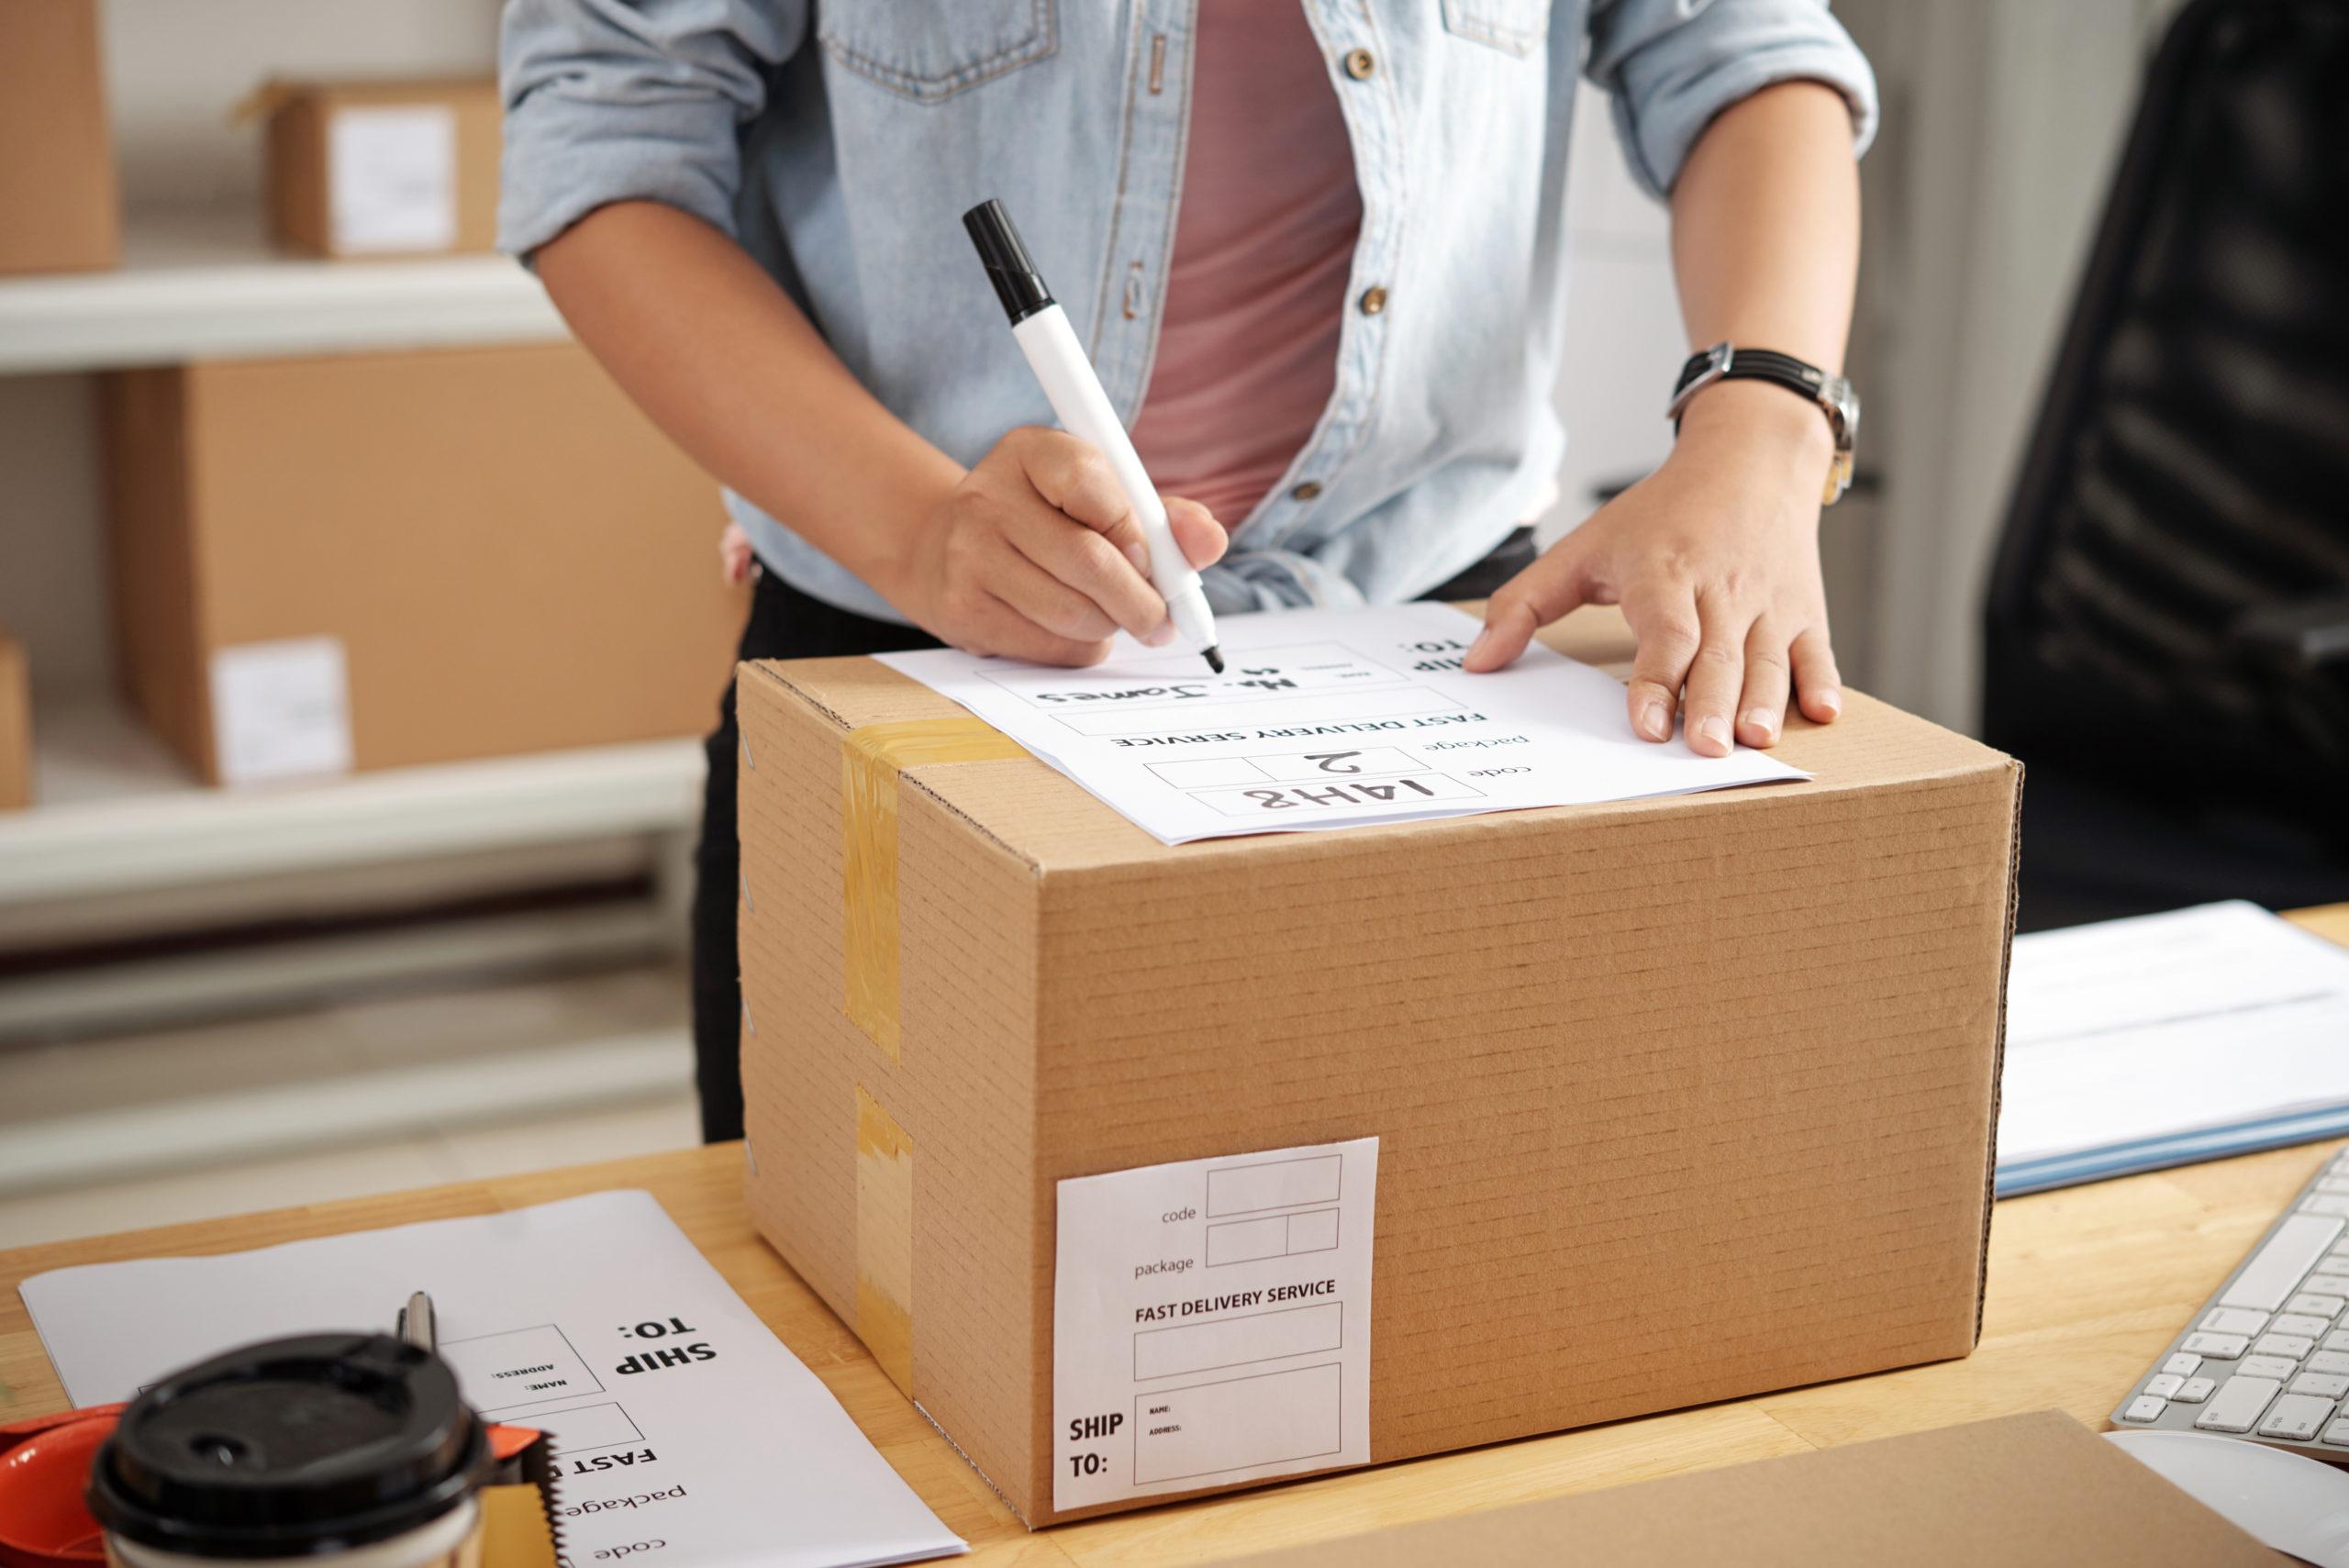 Logística en ecommerce: 3 empresas a tener en cuenta